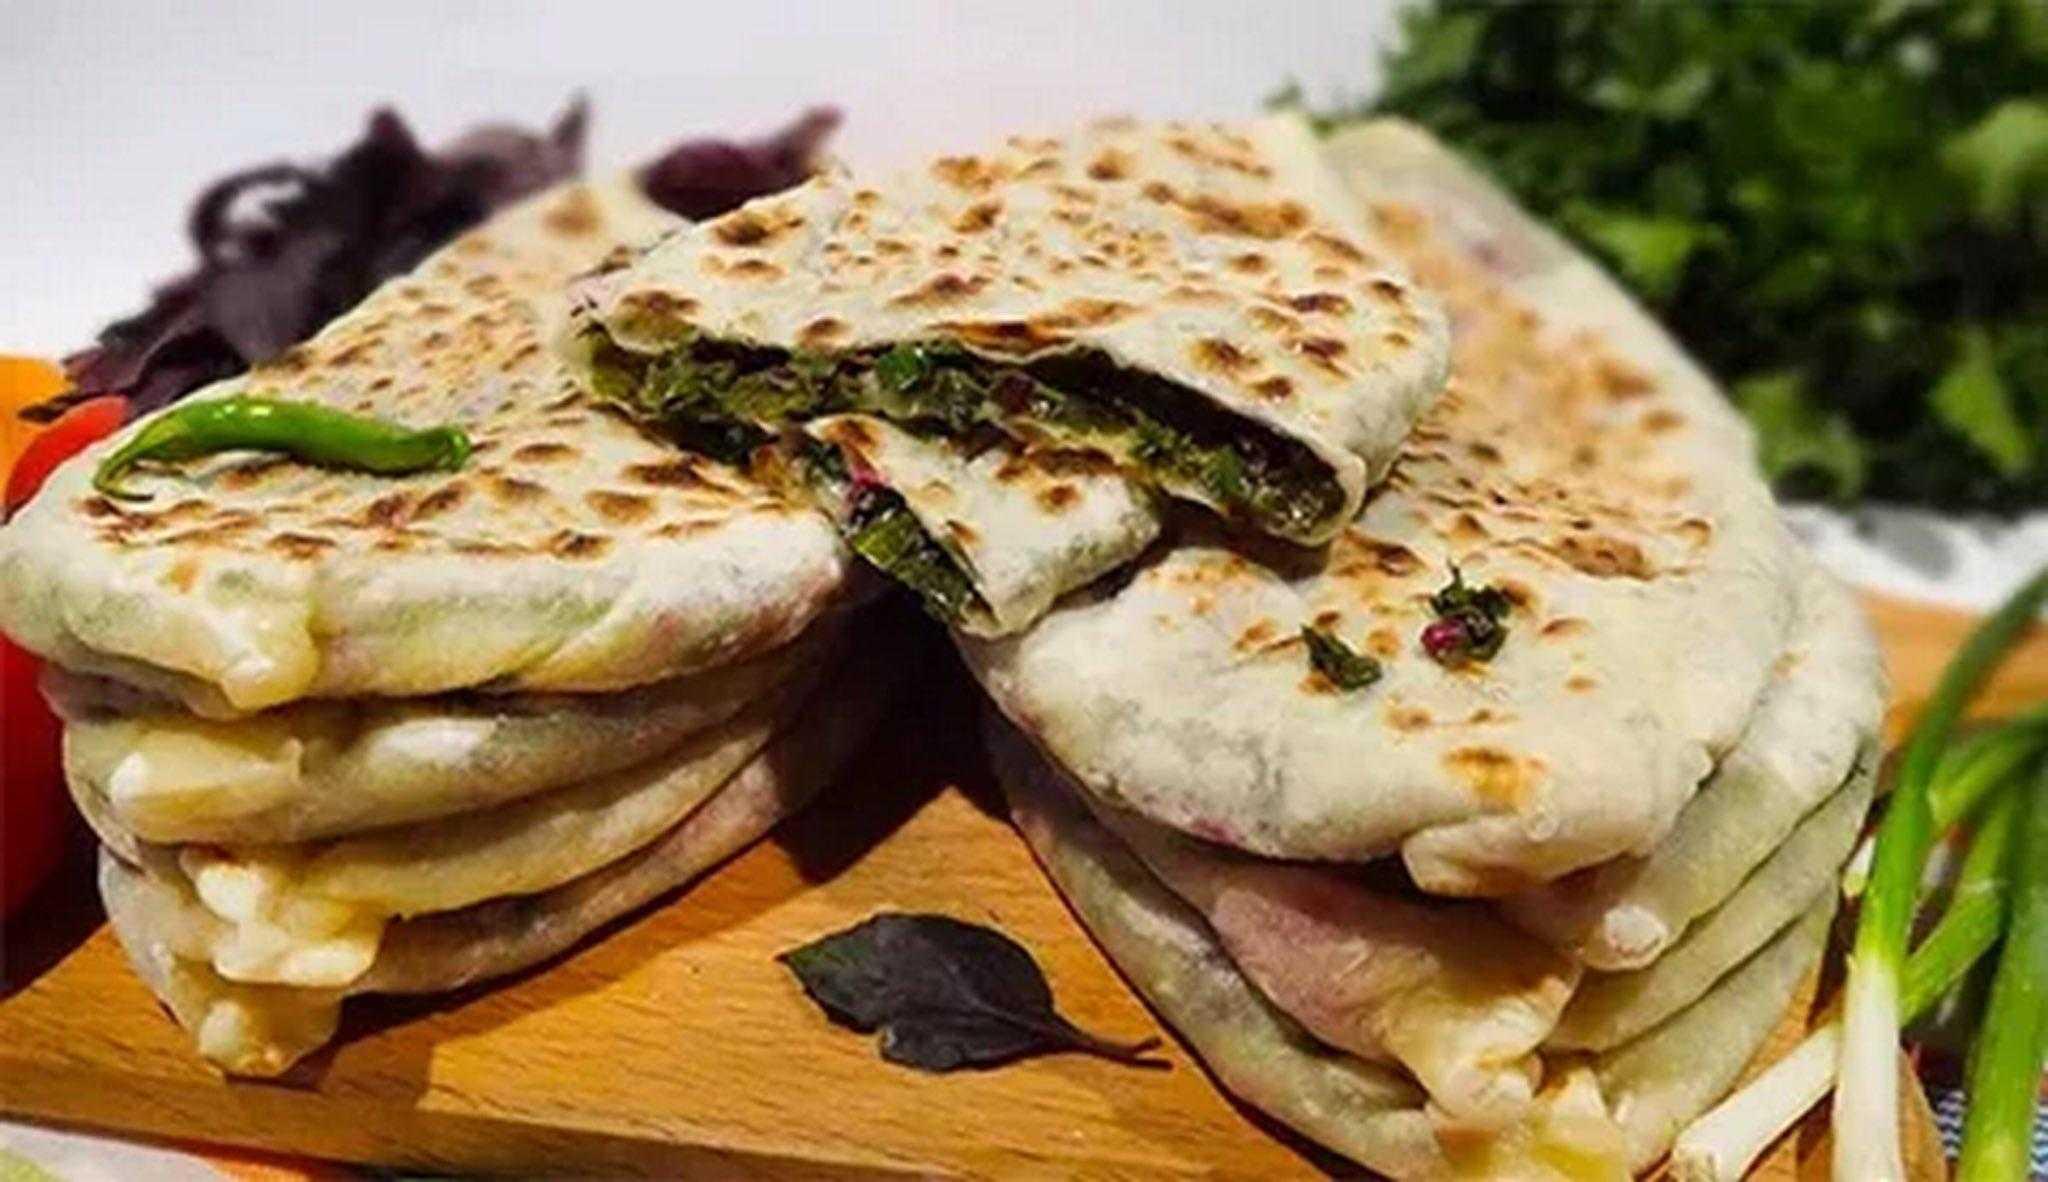 Национальные блюда армении, которые вы обязательно должны попробовать, приехав в страну в первый раз